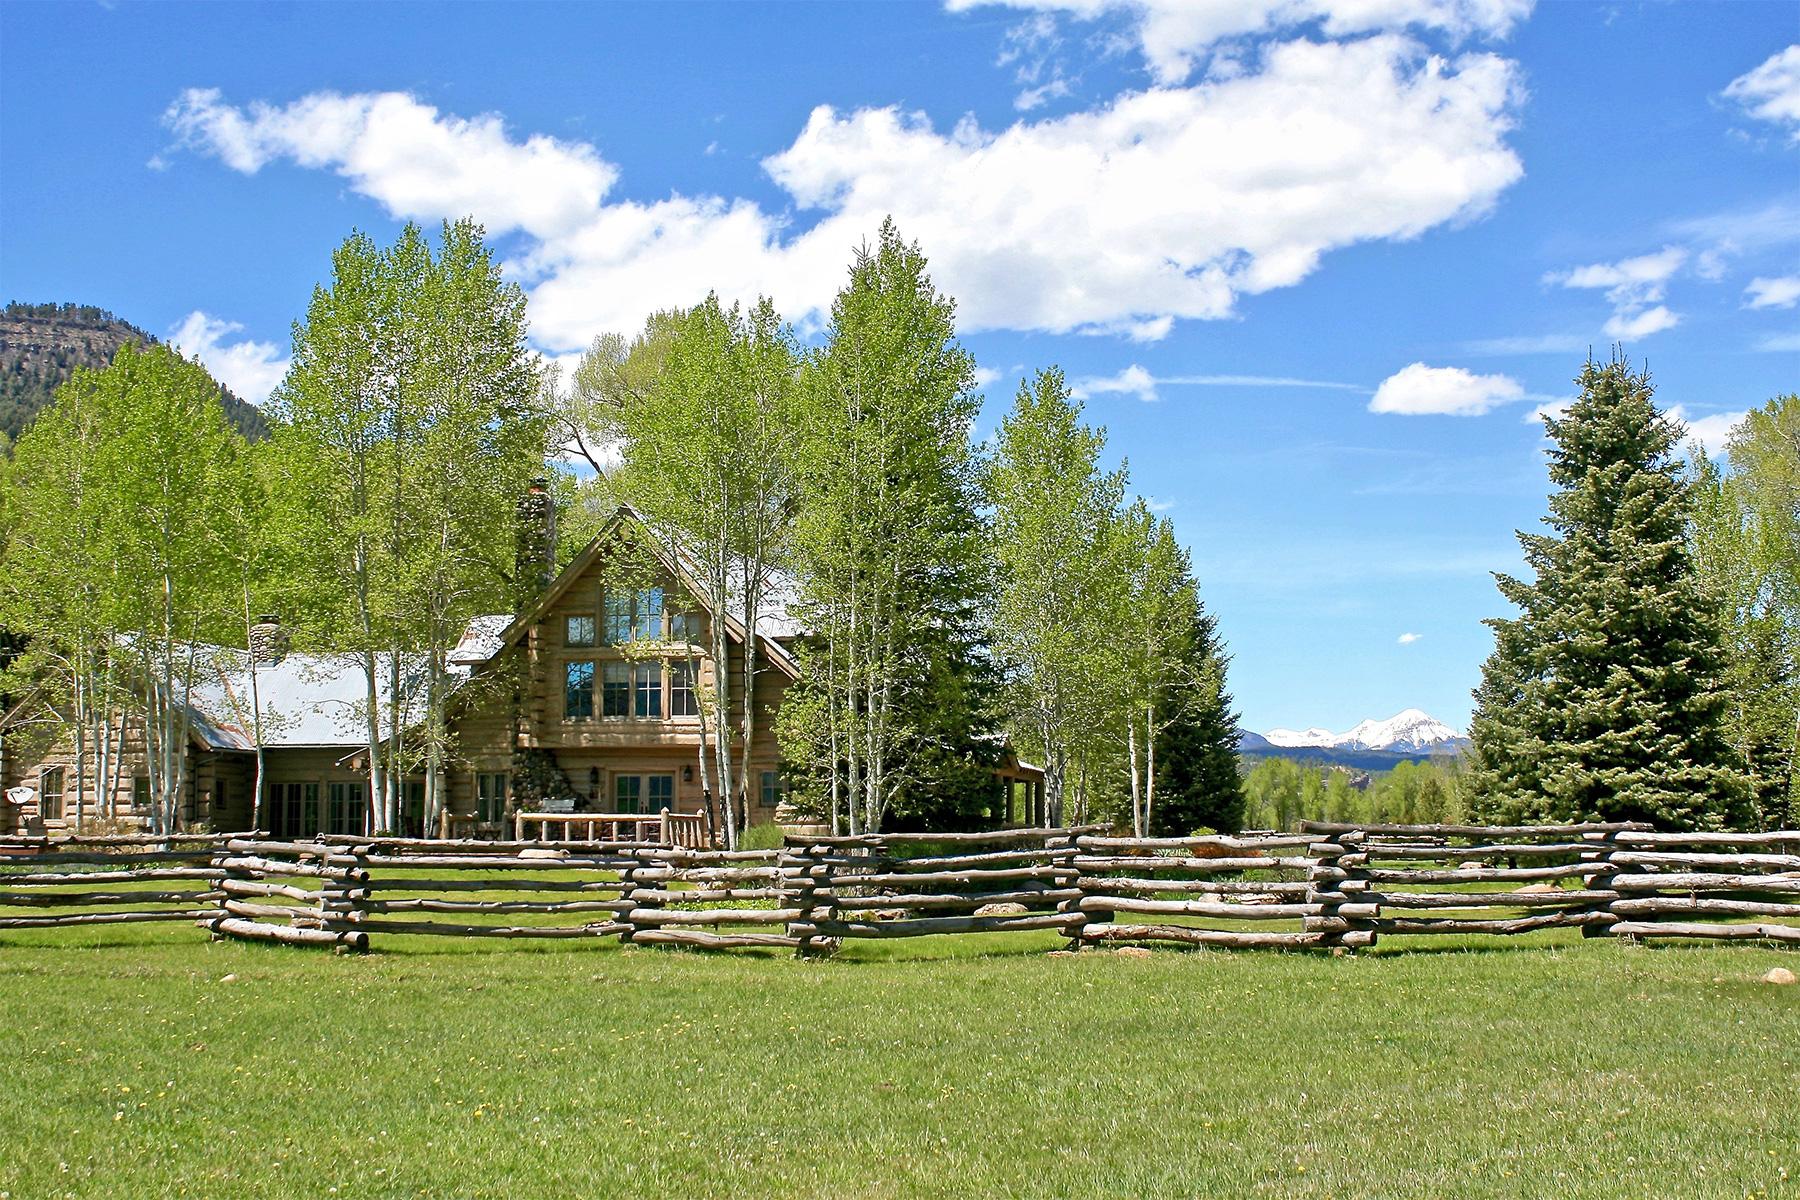 Ferme / Ranch / Plantation pour l Vente à Vega Verde Ranch 10495 CR 250 Durango, Colorado, 81301 États-Unis